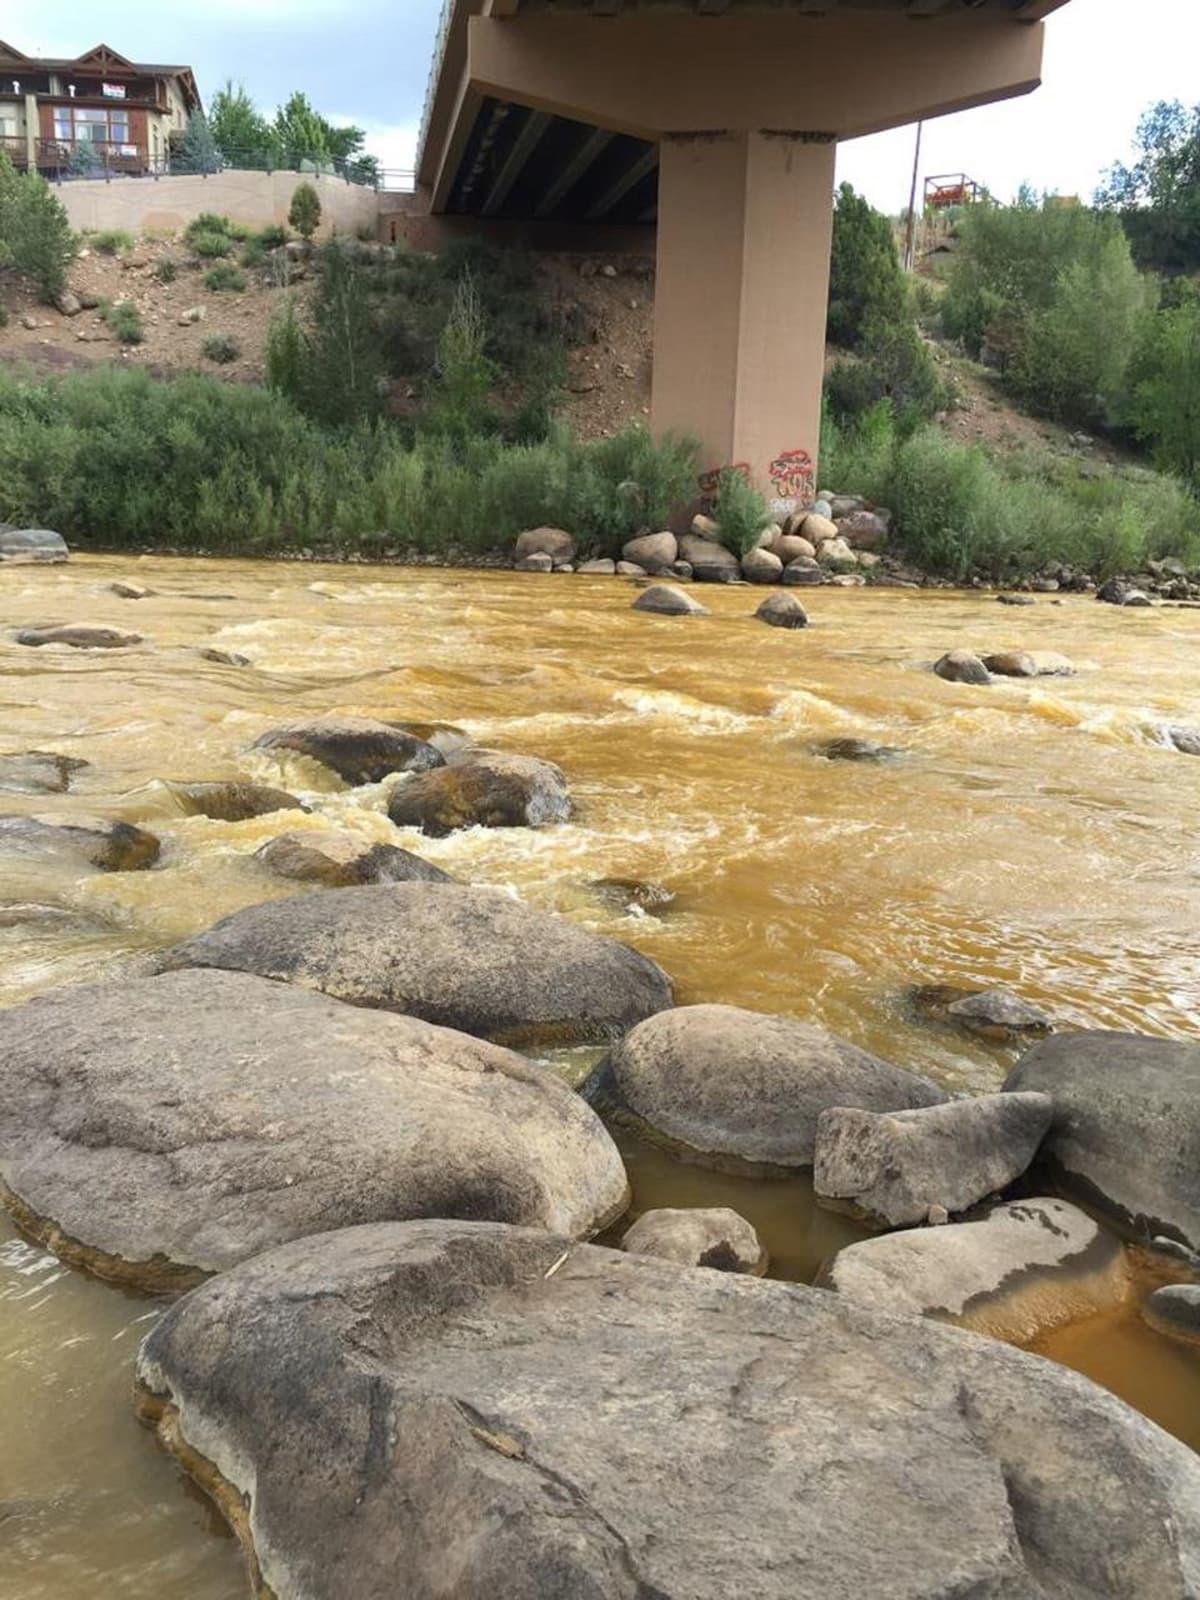 Ympäristösuojeluviranomaisten julkaisema valokuva Animas-joen värjääntyneestä vedestä.